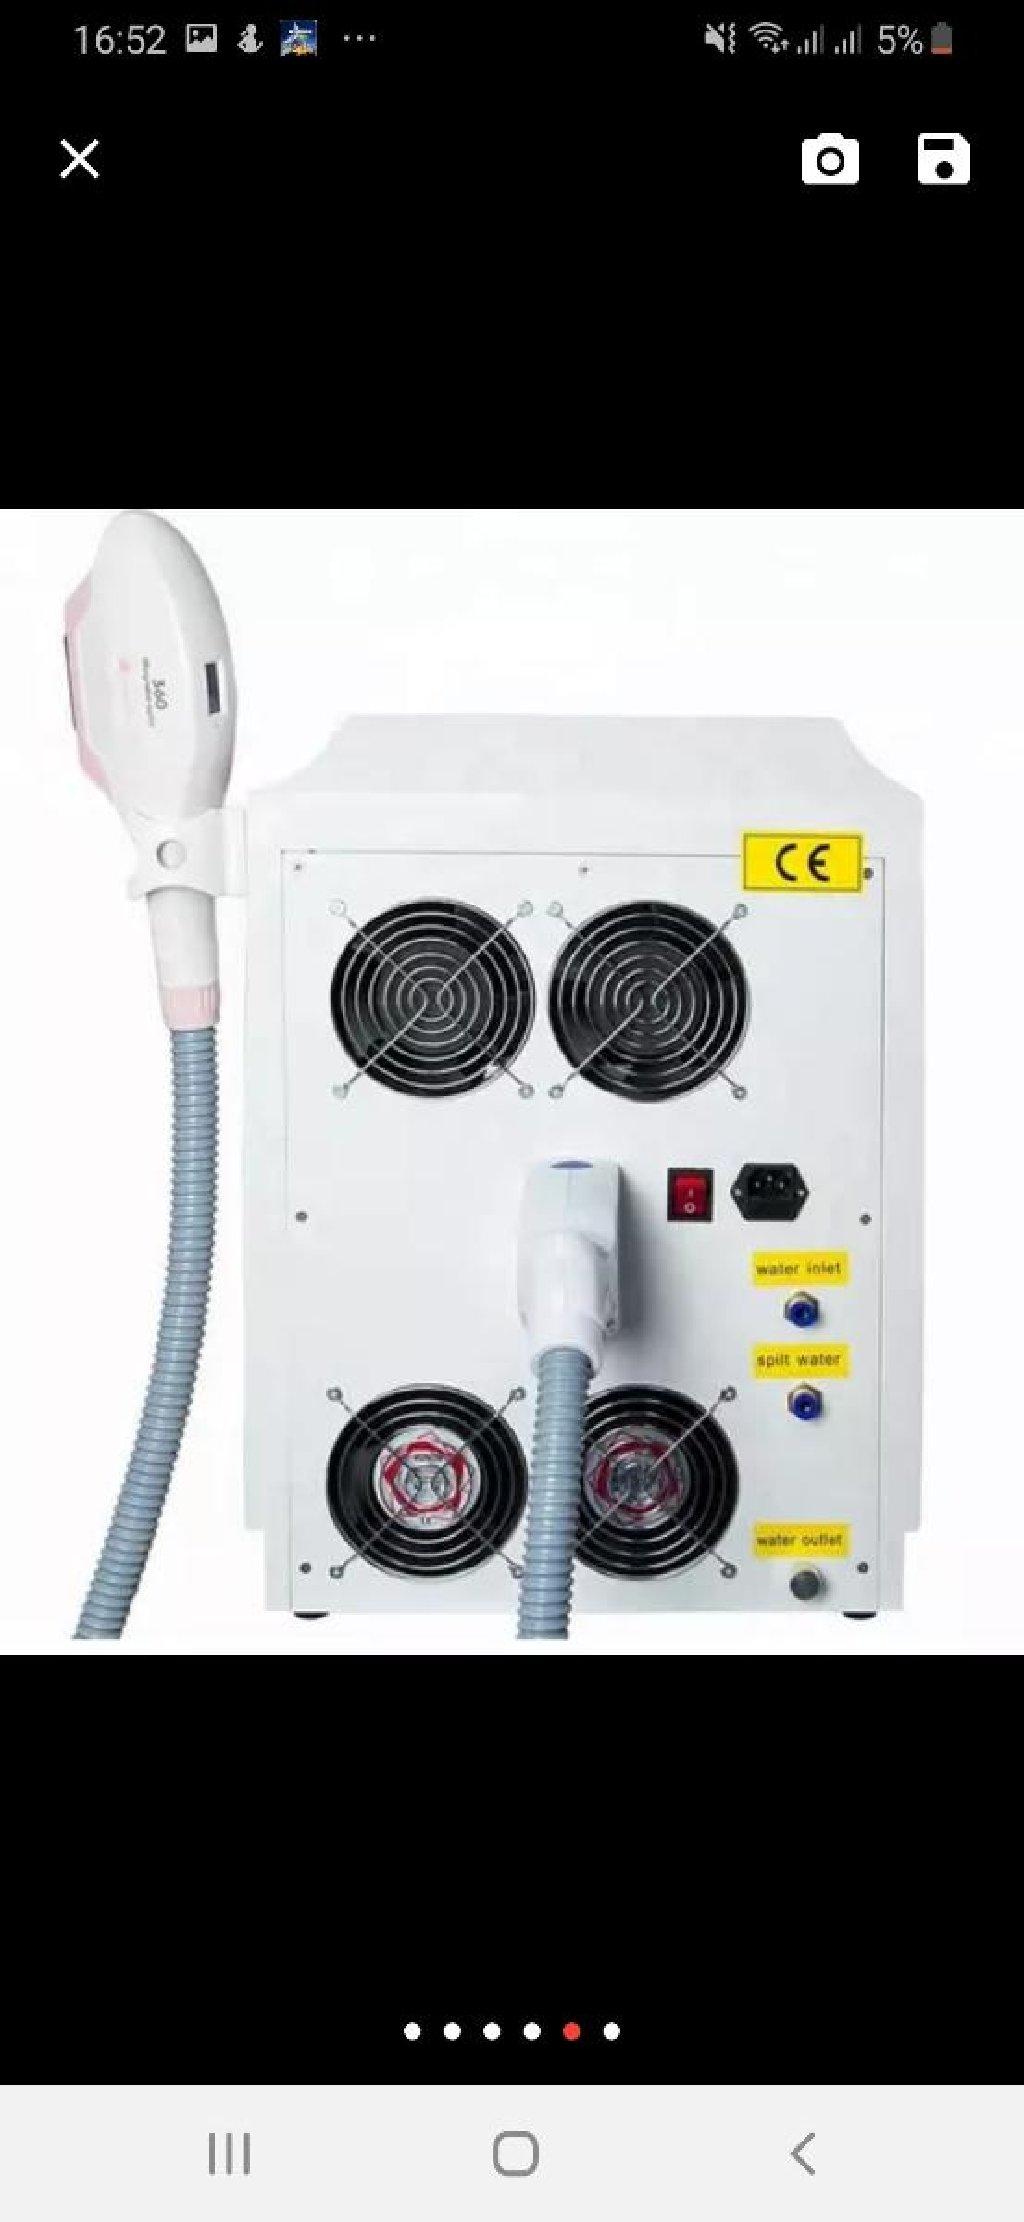 Tecili koc ile elaqedar olaraq 2 ci el portativ lazer epilyasiya aparati satilir